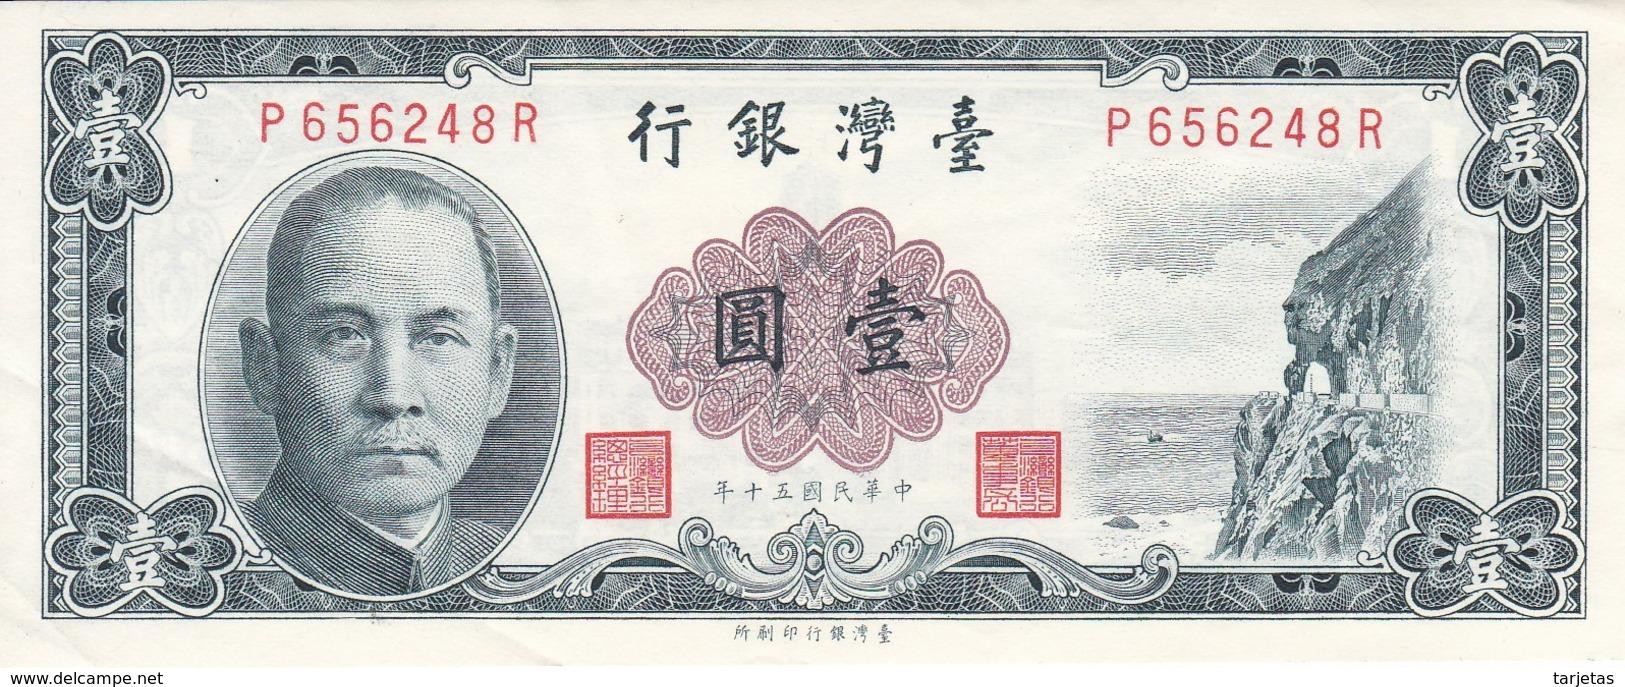 BILLETE DE TAIWAN DE 1 YUAN DEL AÑO 1969 EN CALIDAD EBC (XF)  (BANKNOTE) - Taiwan